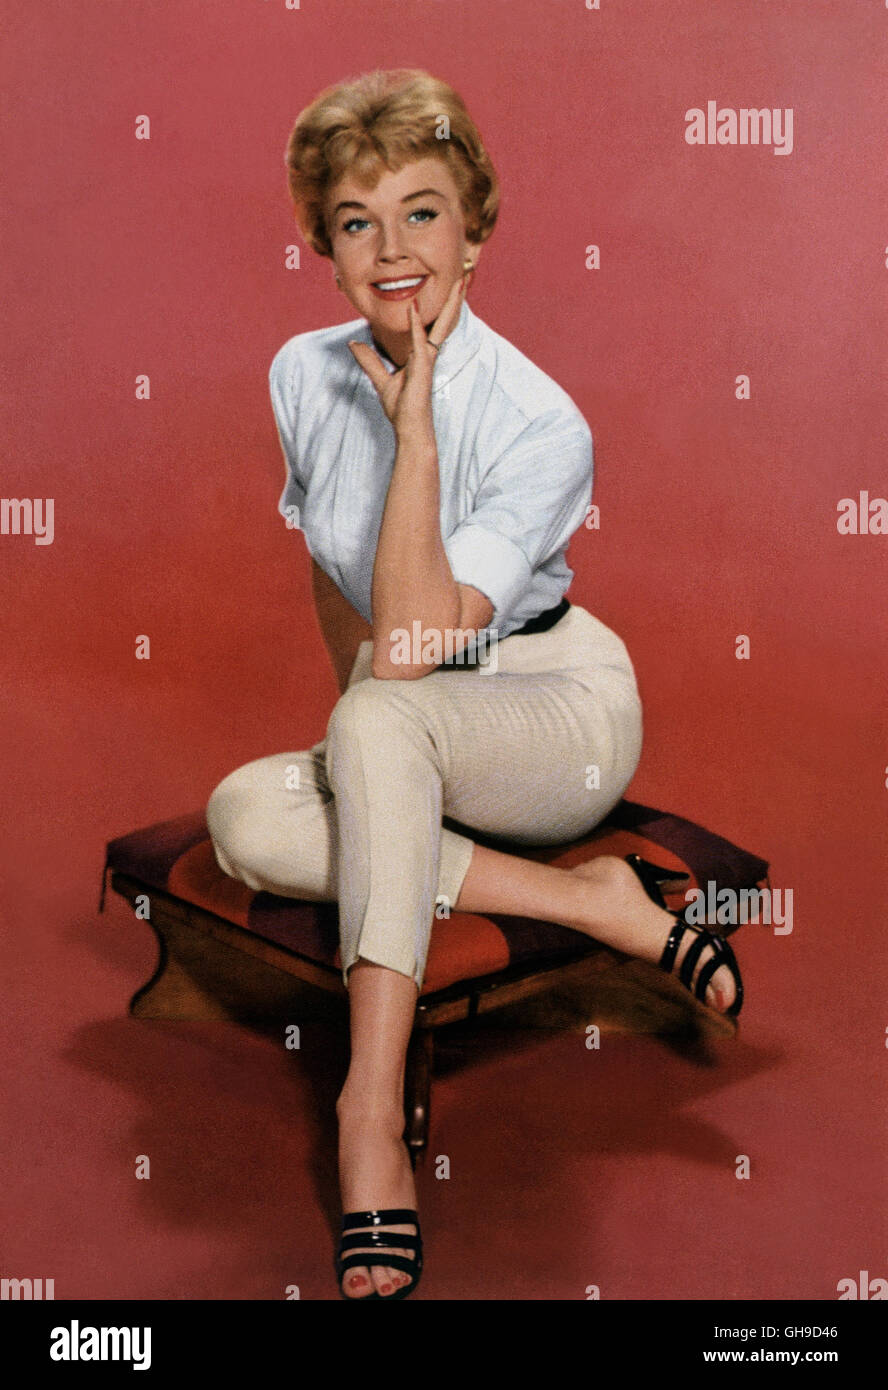 DORIS DAY, 50er Jahre. Film, Fernsehen, Schauspielerin, Sängerin, Portrait, 50er Stock Photo